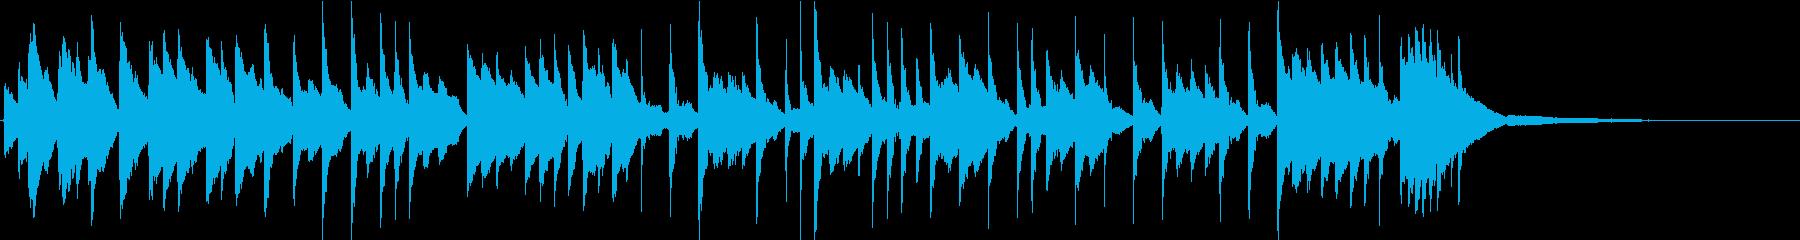 バレンタインをイメージ きれいなピアノ曲の再生済みの波形